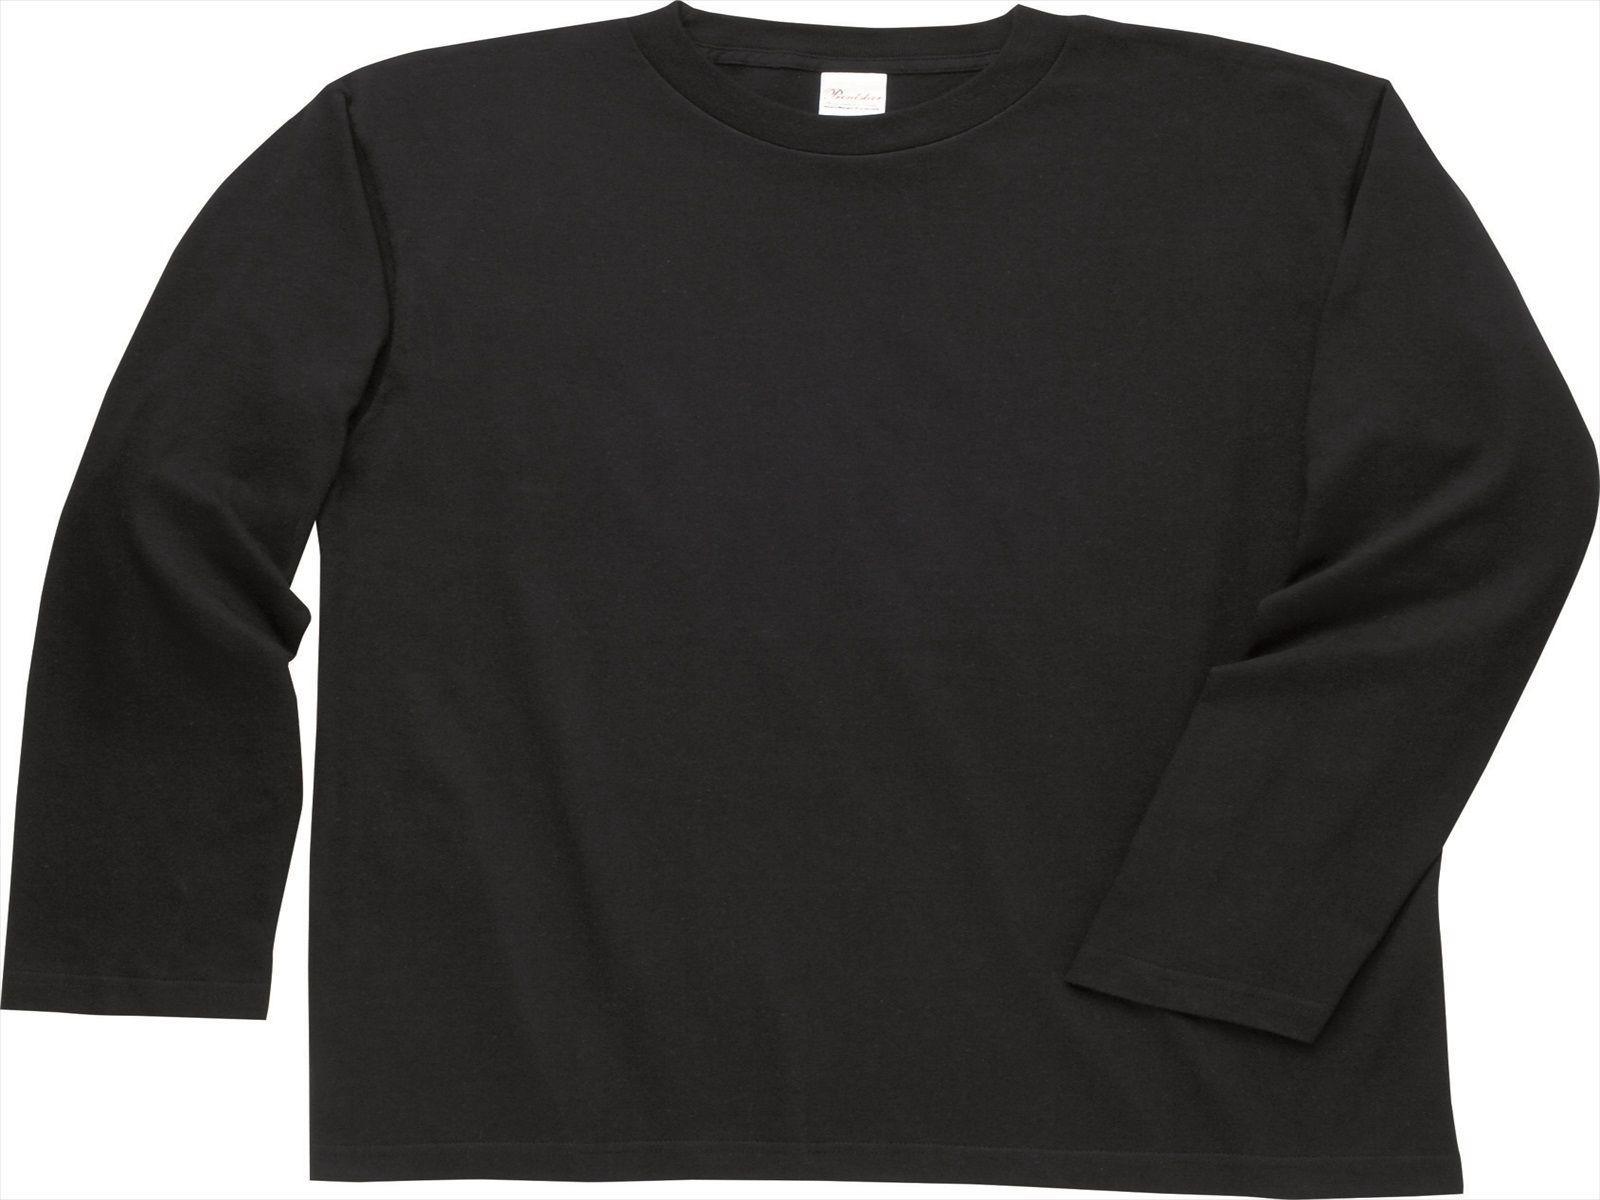 5.6オンス ヘビーウエイト長袖Tシャツ【男女兼用・Jr.】